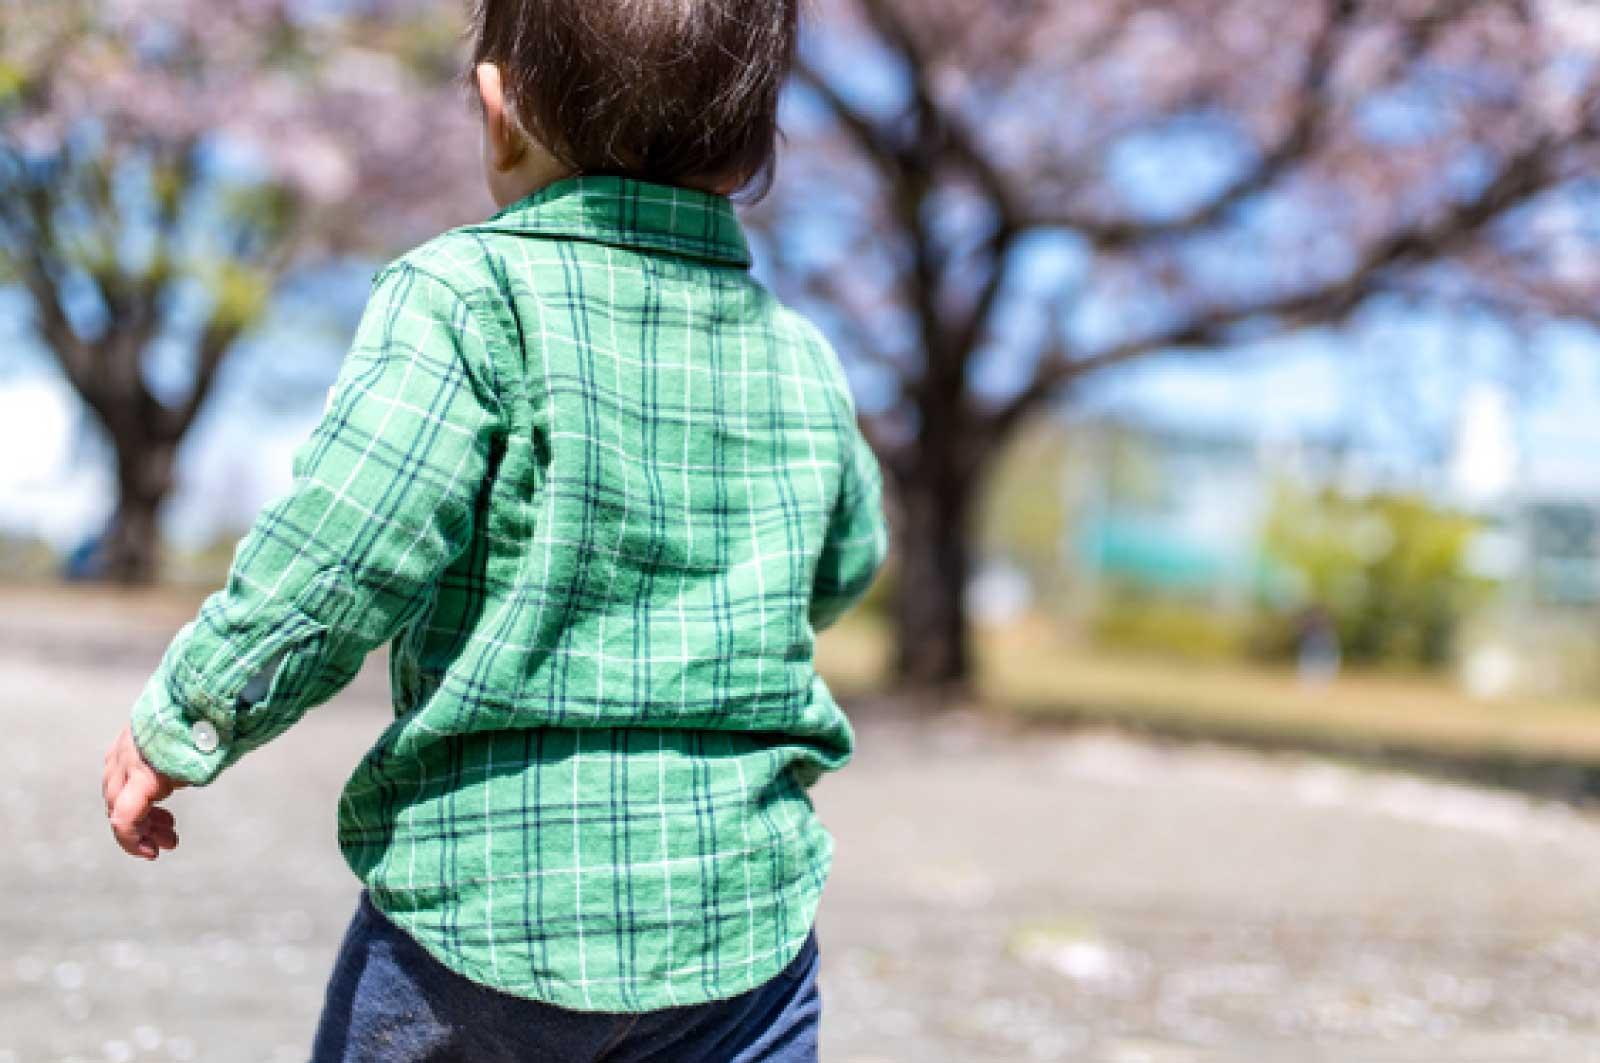 福岡では病弱な幼少期を過ごされています